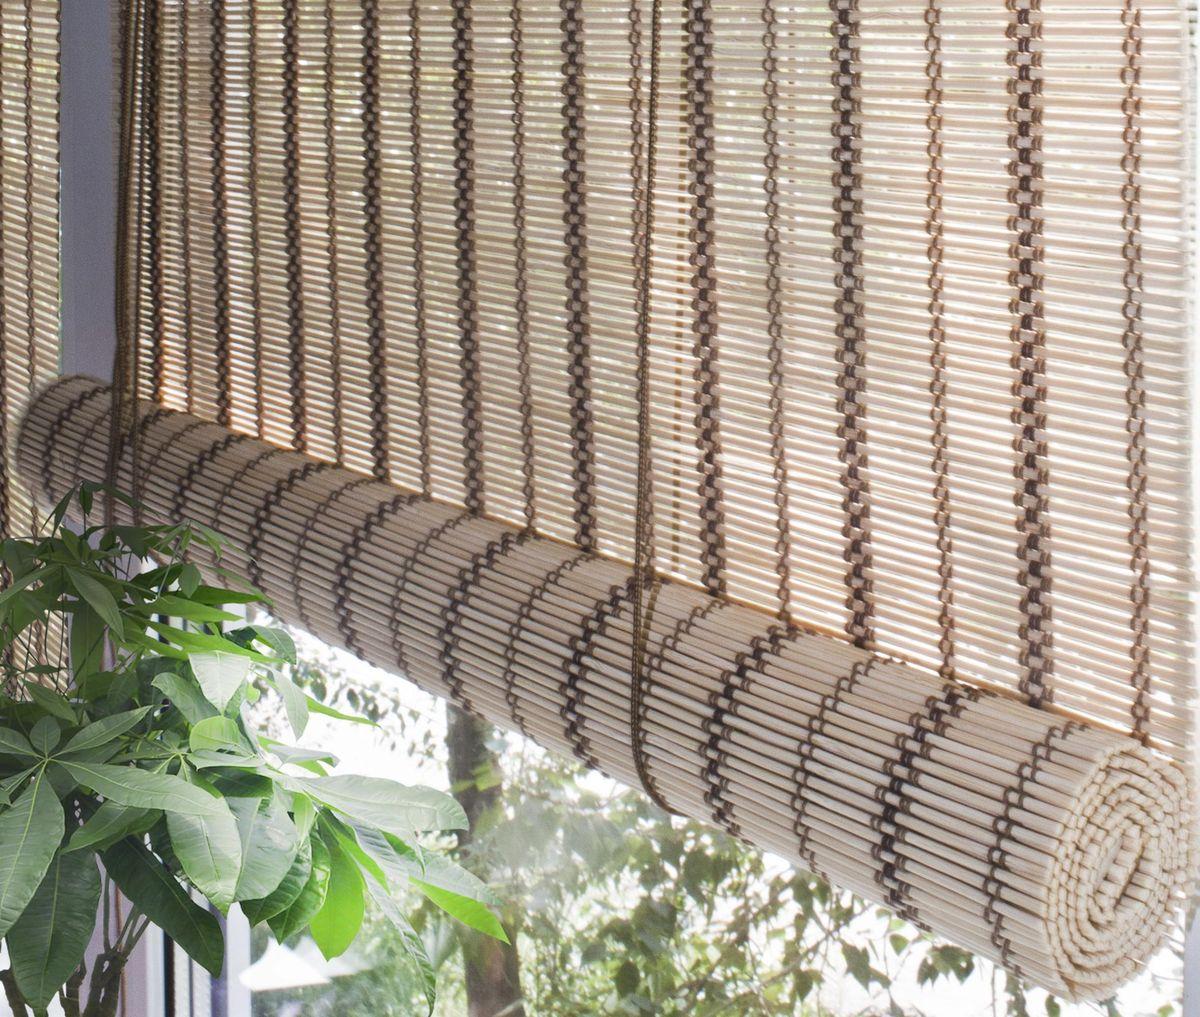 Штора рулонная Эскар Бамбук, цвет: песочный, ширина 100 см, высота 160 см10503При оформлении интерьера современных помещений многие отдают предпочтение природным материалам. Бамбуковые рулонные шторы - одно из натуральных изделий, способное сделать атмосферу помещения более уютной и в то же время необычной. Свойства бамбука уникальны: он экологически чист, так как быстро вырастает, благодаря чему не успевает накопить вредные вещества из окружающей среды. Кроме того, растение обладает противомикробным и антибактериальным действием. Занавеси из бамбука безопасно использовать в помещениях, где находятся новорожденные дети и люди, склонные к аллергии. Они незаменимы для тех, кто заботится о своем здоровье и уделяет внимание высокому уровню жизни.Бамбуковые рулонные шторы представляют собой полотно, состоящее из тонких бамбуковых стеблей и сворачиваемое в рулон.Римские бамбуковые шторы, как и тканевые римские шторы, при поднятии образуют крупные складки, которые прекрасно декорируют окно.Особенность устройства полотна позволяет свободно пропускать дневной свет, что обеспечивает мягкое освещение комнаты. Это натуральный влагостойкий материал, который легко вписывается в любой интерьер, хорошо сочетается с различной мебелью и элементами отделки. Использование бамбукового полотна придает помещению необычный вид и визуально расширяет пространство.Помимо внешней красоты, это еще и очень удобные конструкции, экономящие пространство. Изготавливаются они из специальных материалов, устойчивых к внешним воздействиям. Сама штора очень эргономичная, и позволяет изменять визуально пространство в зависимости от потребностей владельца.